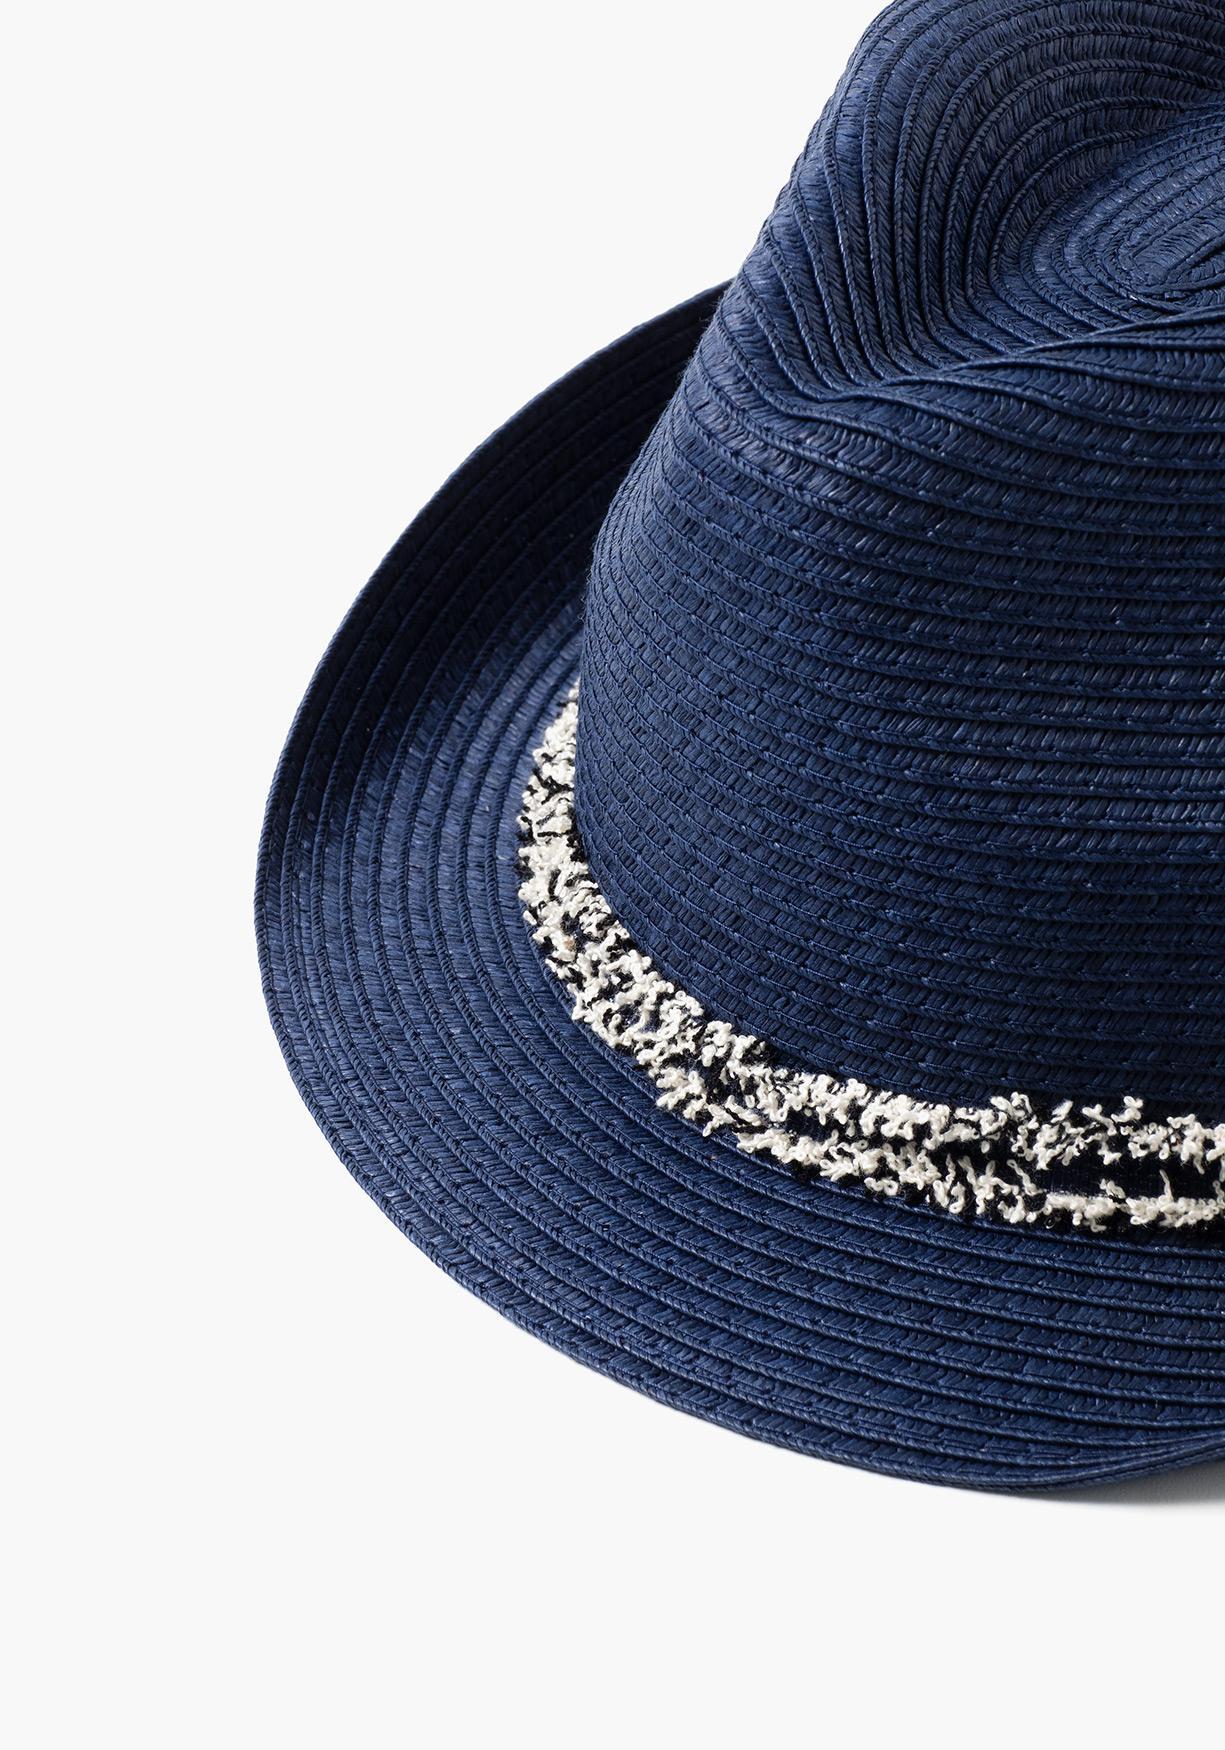 3a052ff31f2ca Comprar Sombrero borsalino. ¡Aprovéchate de nuestros precios y ...